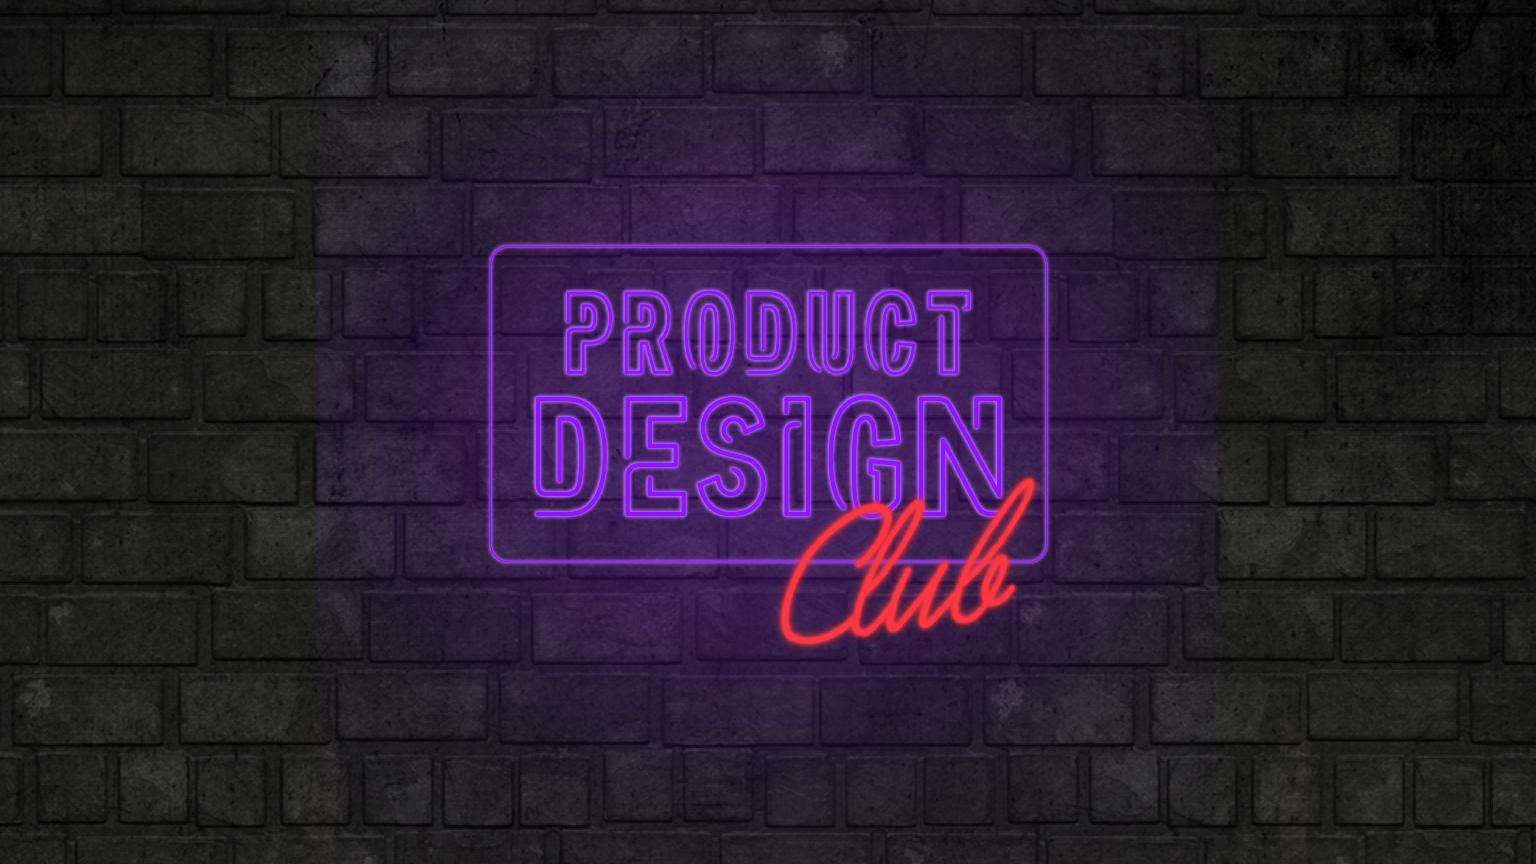 Product Design Club